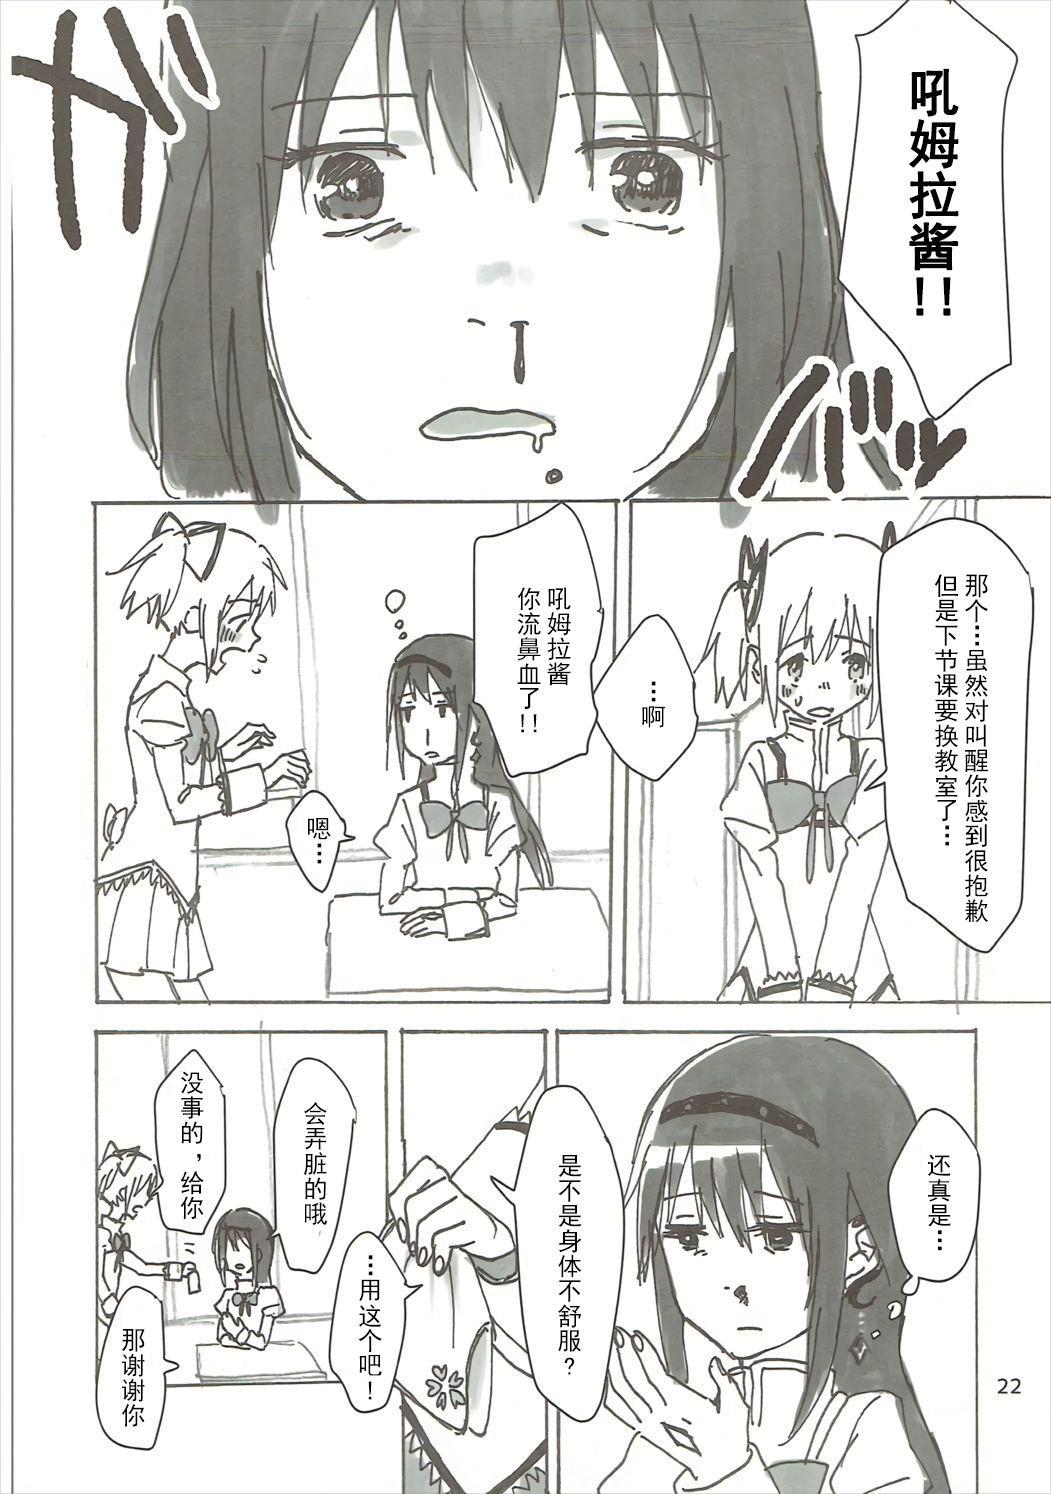 Homu no Ongaeshi 22